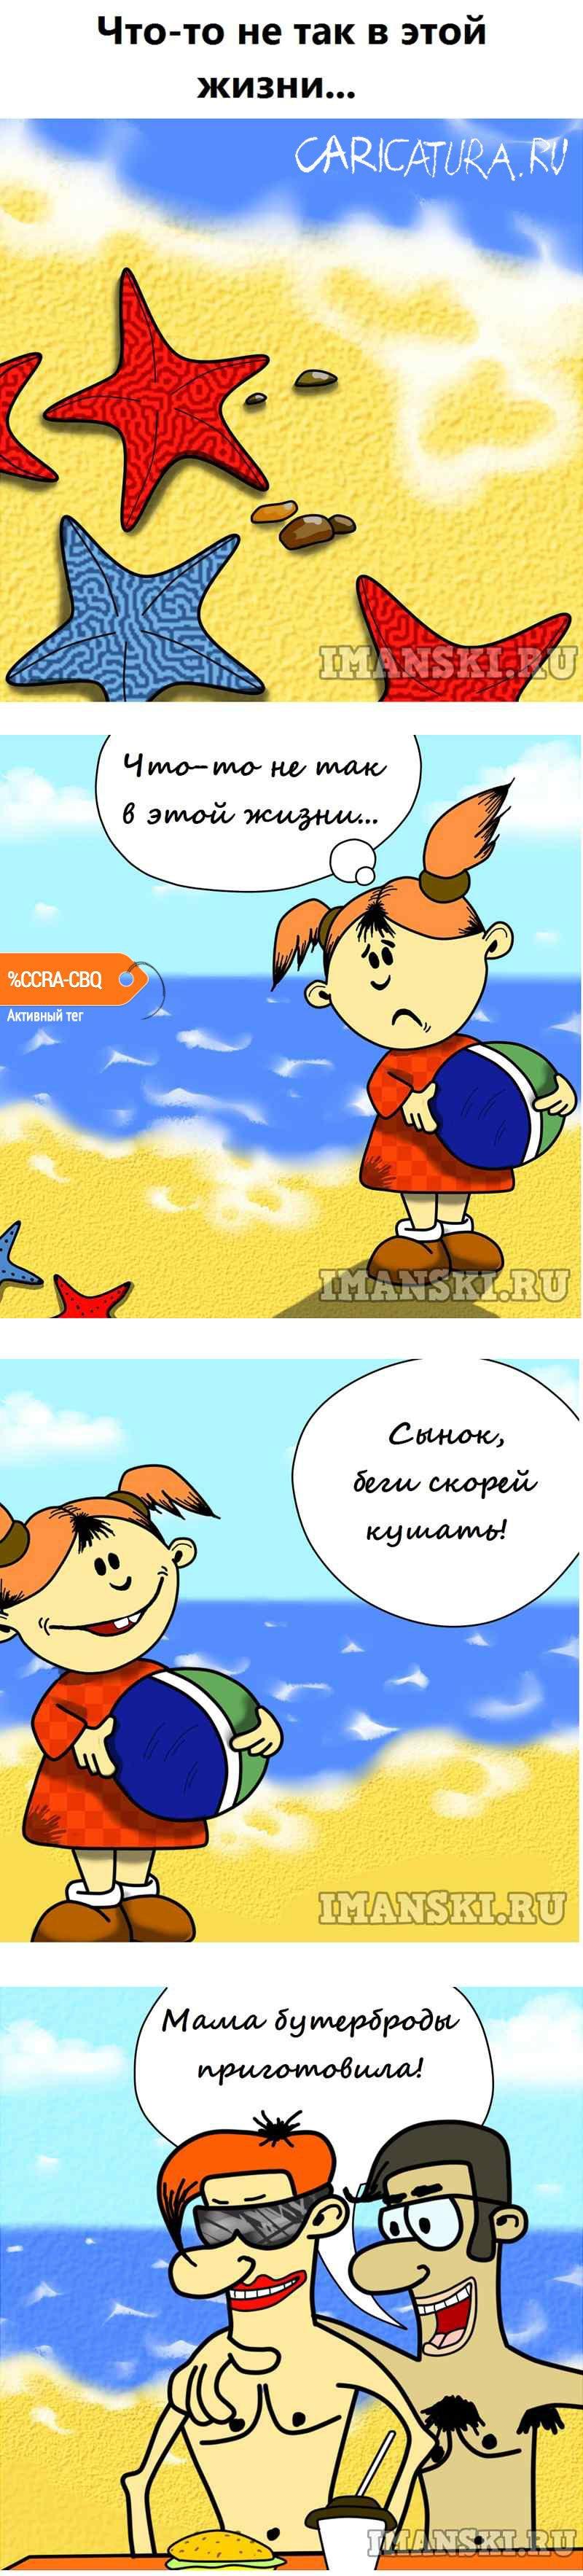 Что-то не так в этои жизни..., Игорь Иманский